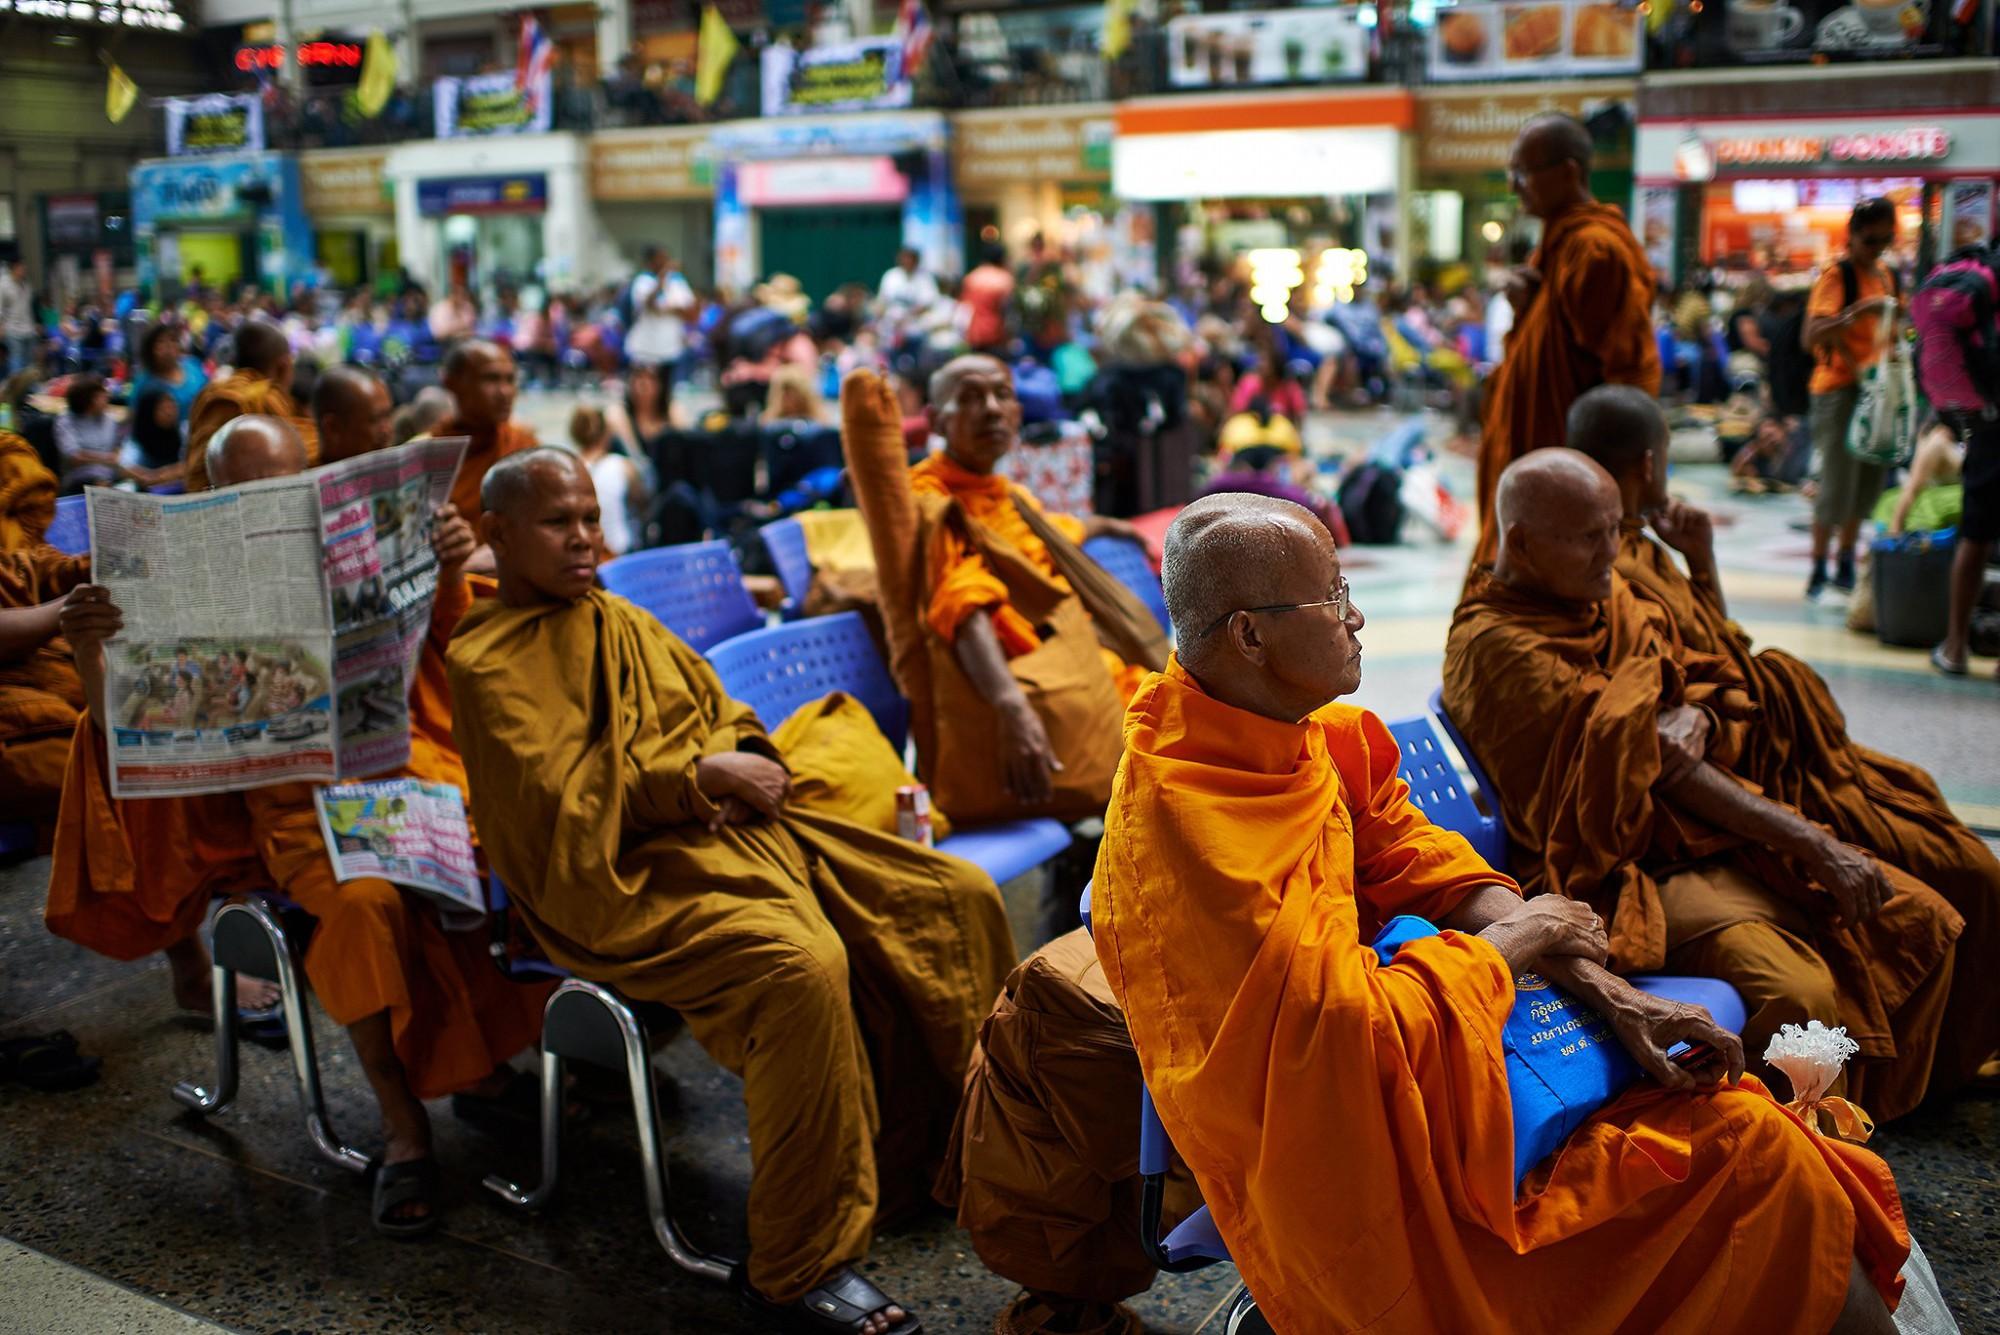 Afbeelding: Dominique Van Huffel reisreportages Thailand, Bangkok.